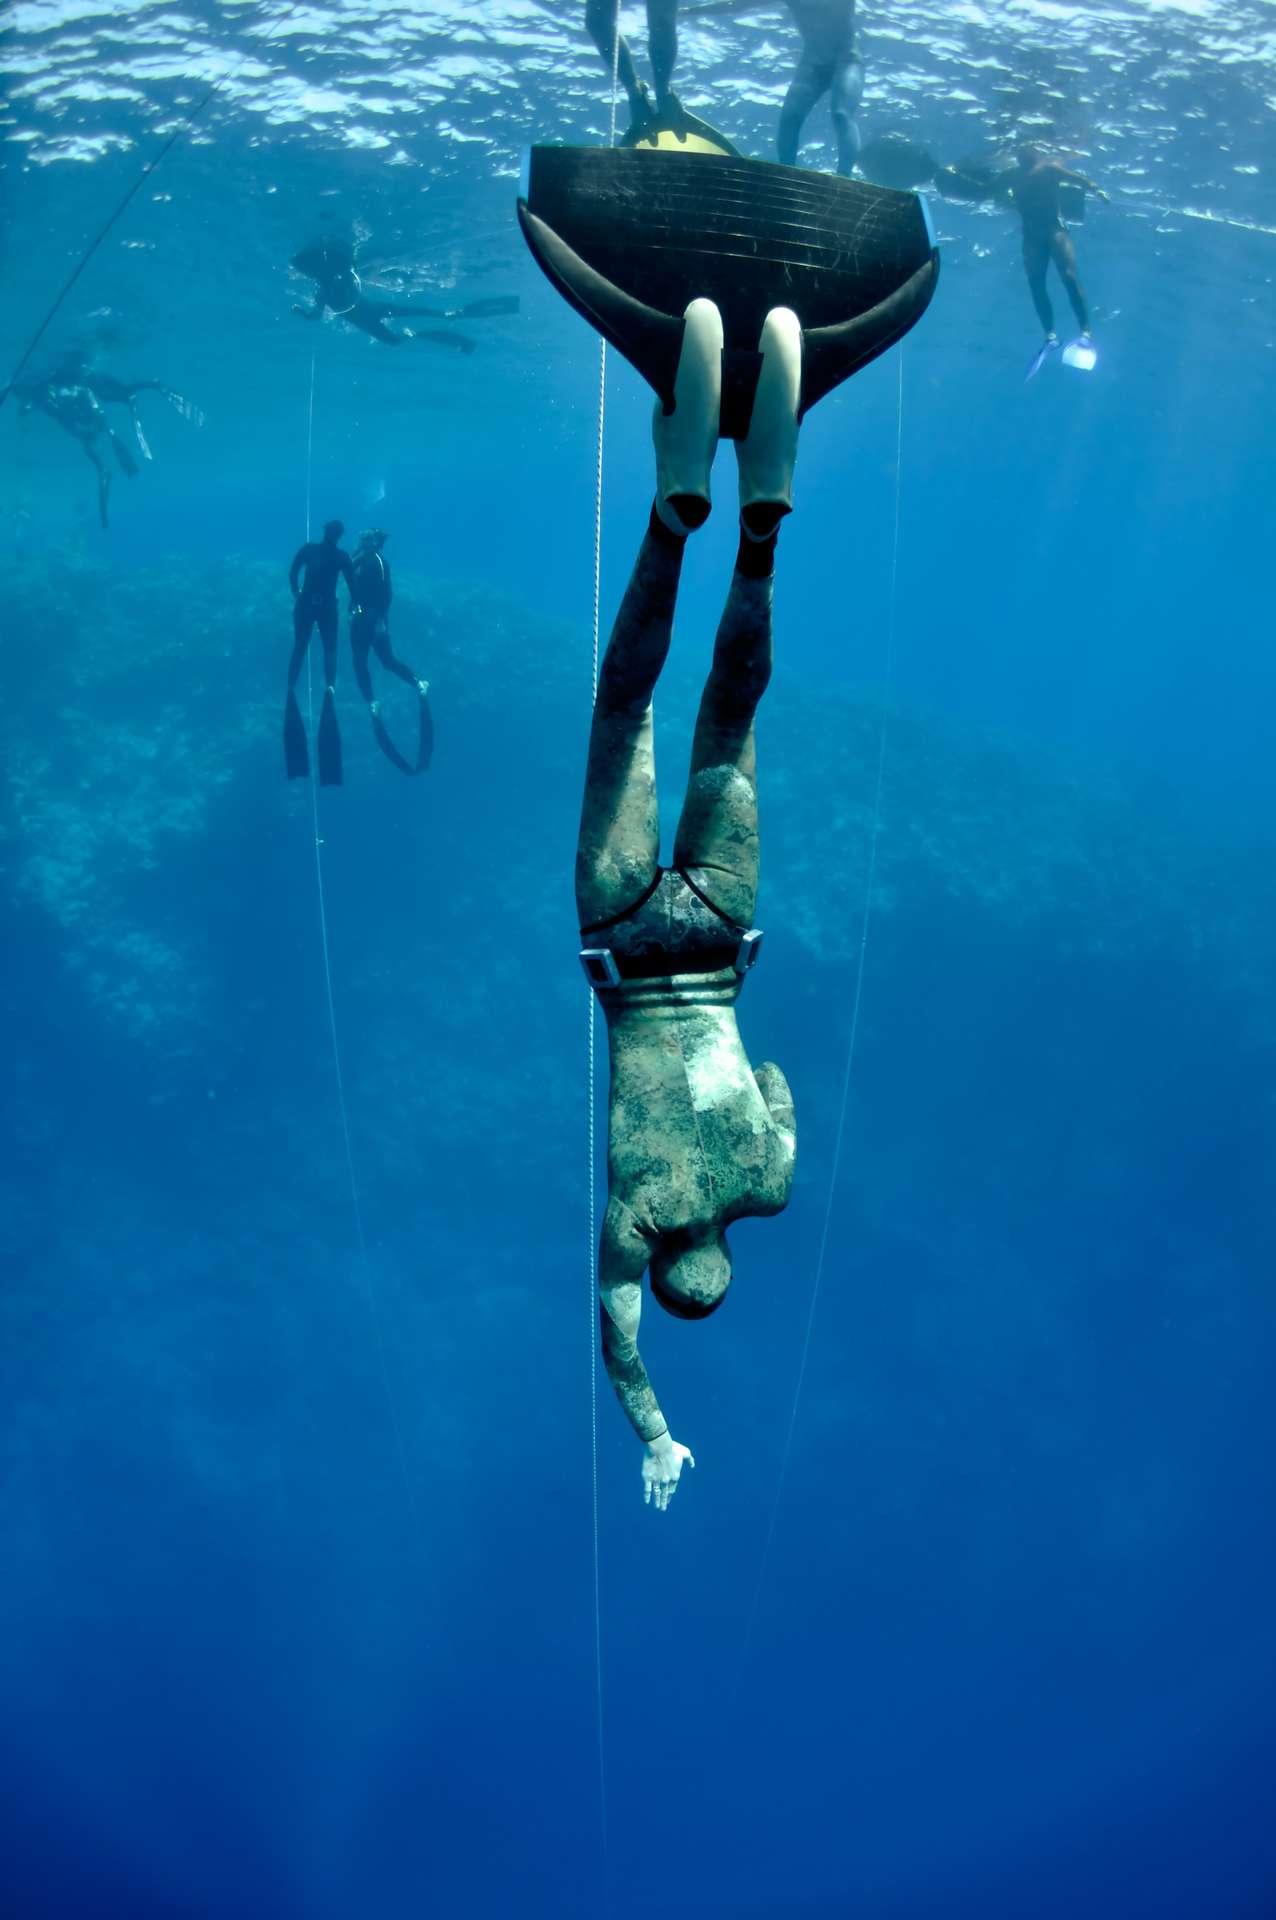 La pression double à partir de 10 mètres de profondeur. © Fotolia